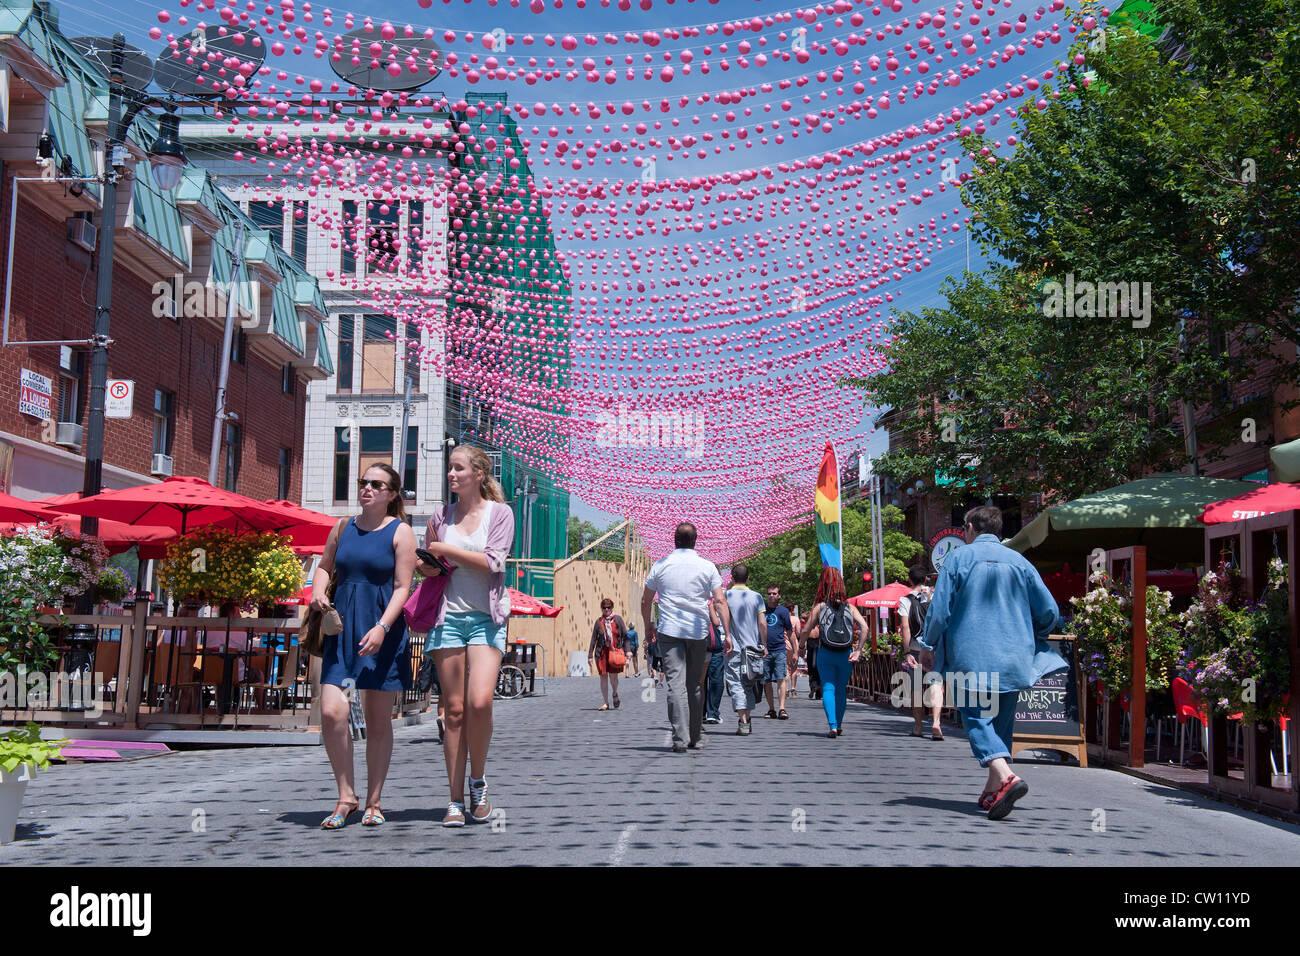 Los peatones en una parte de la calle Ste Catherine, que está cerrada a los automóviles durante los meses Imagen De Stock